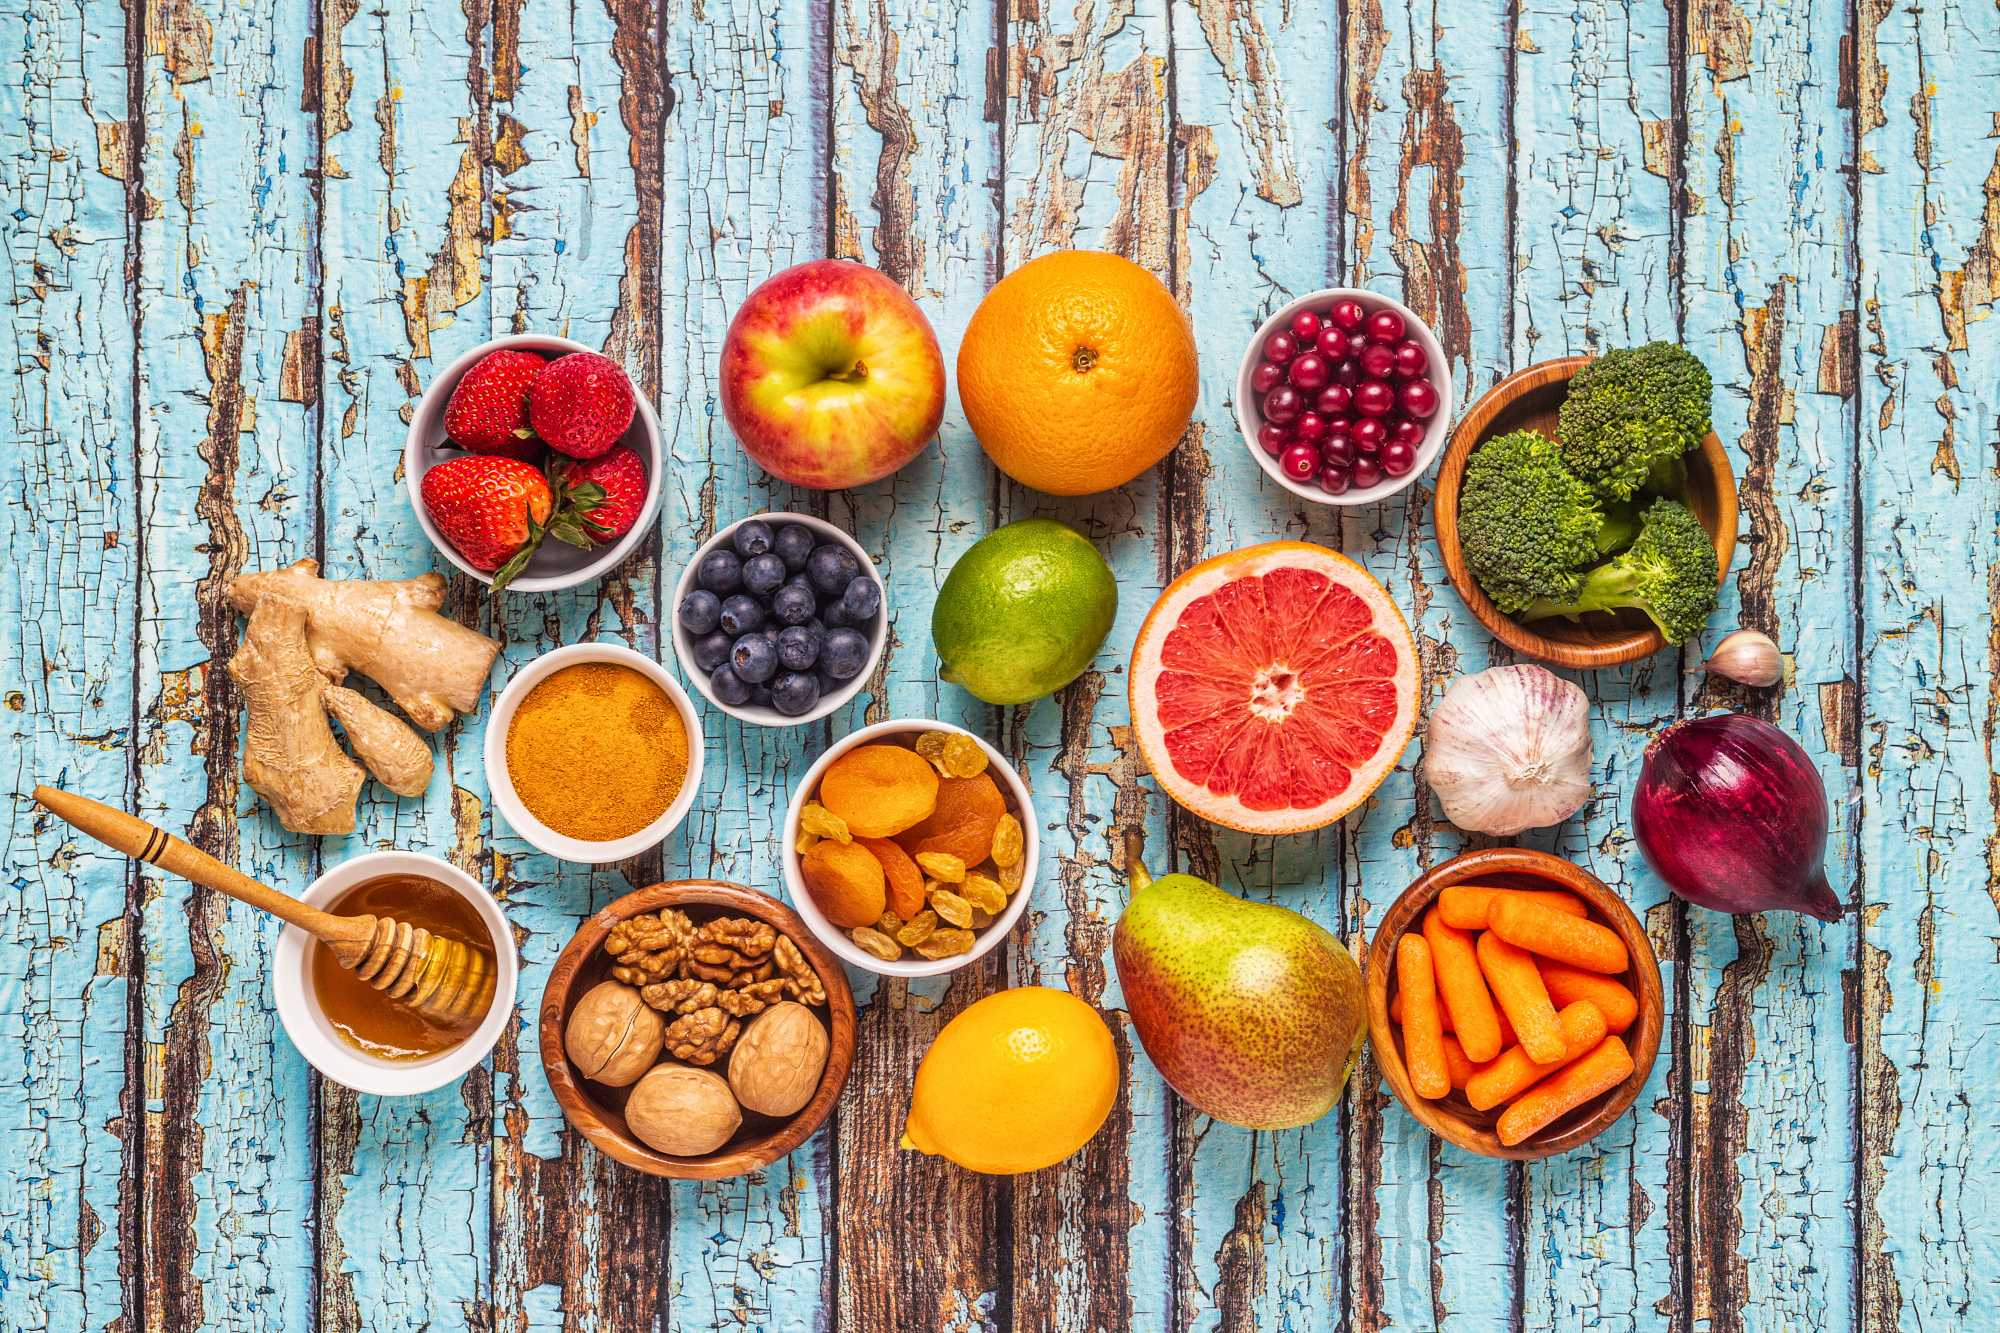 Ótimos alimentos para melhorar a imunidade